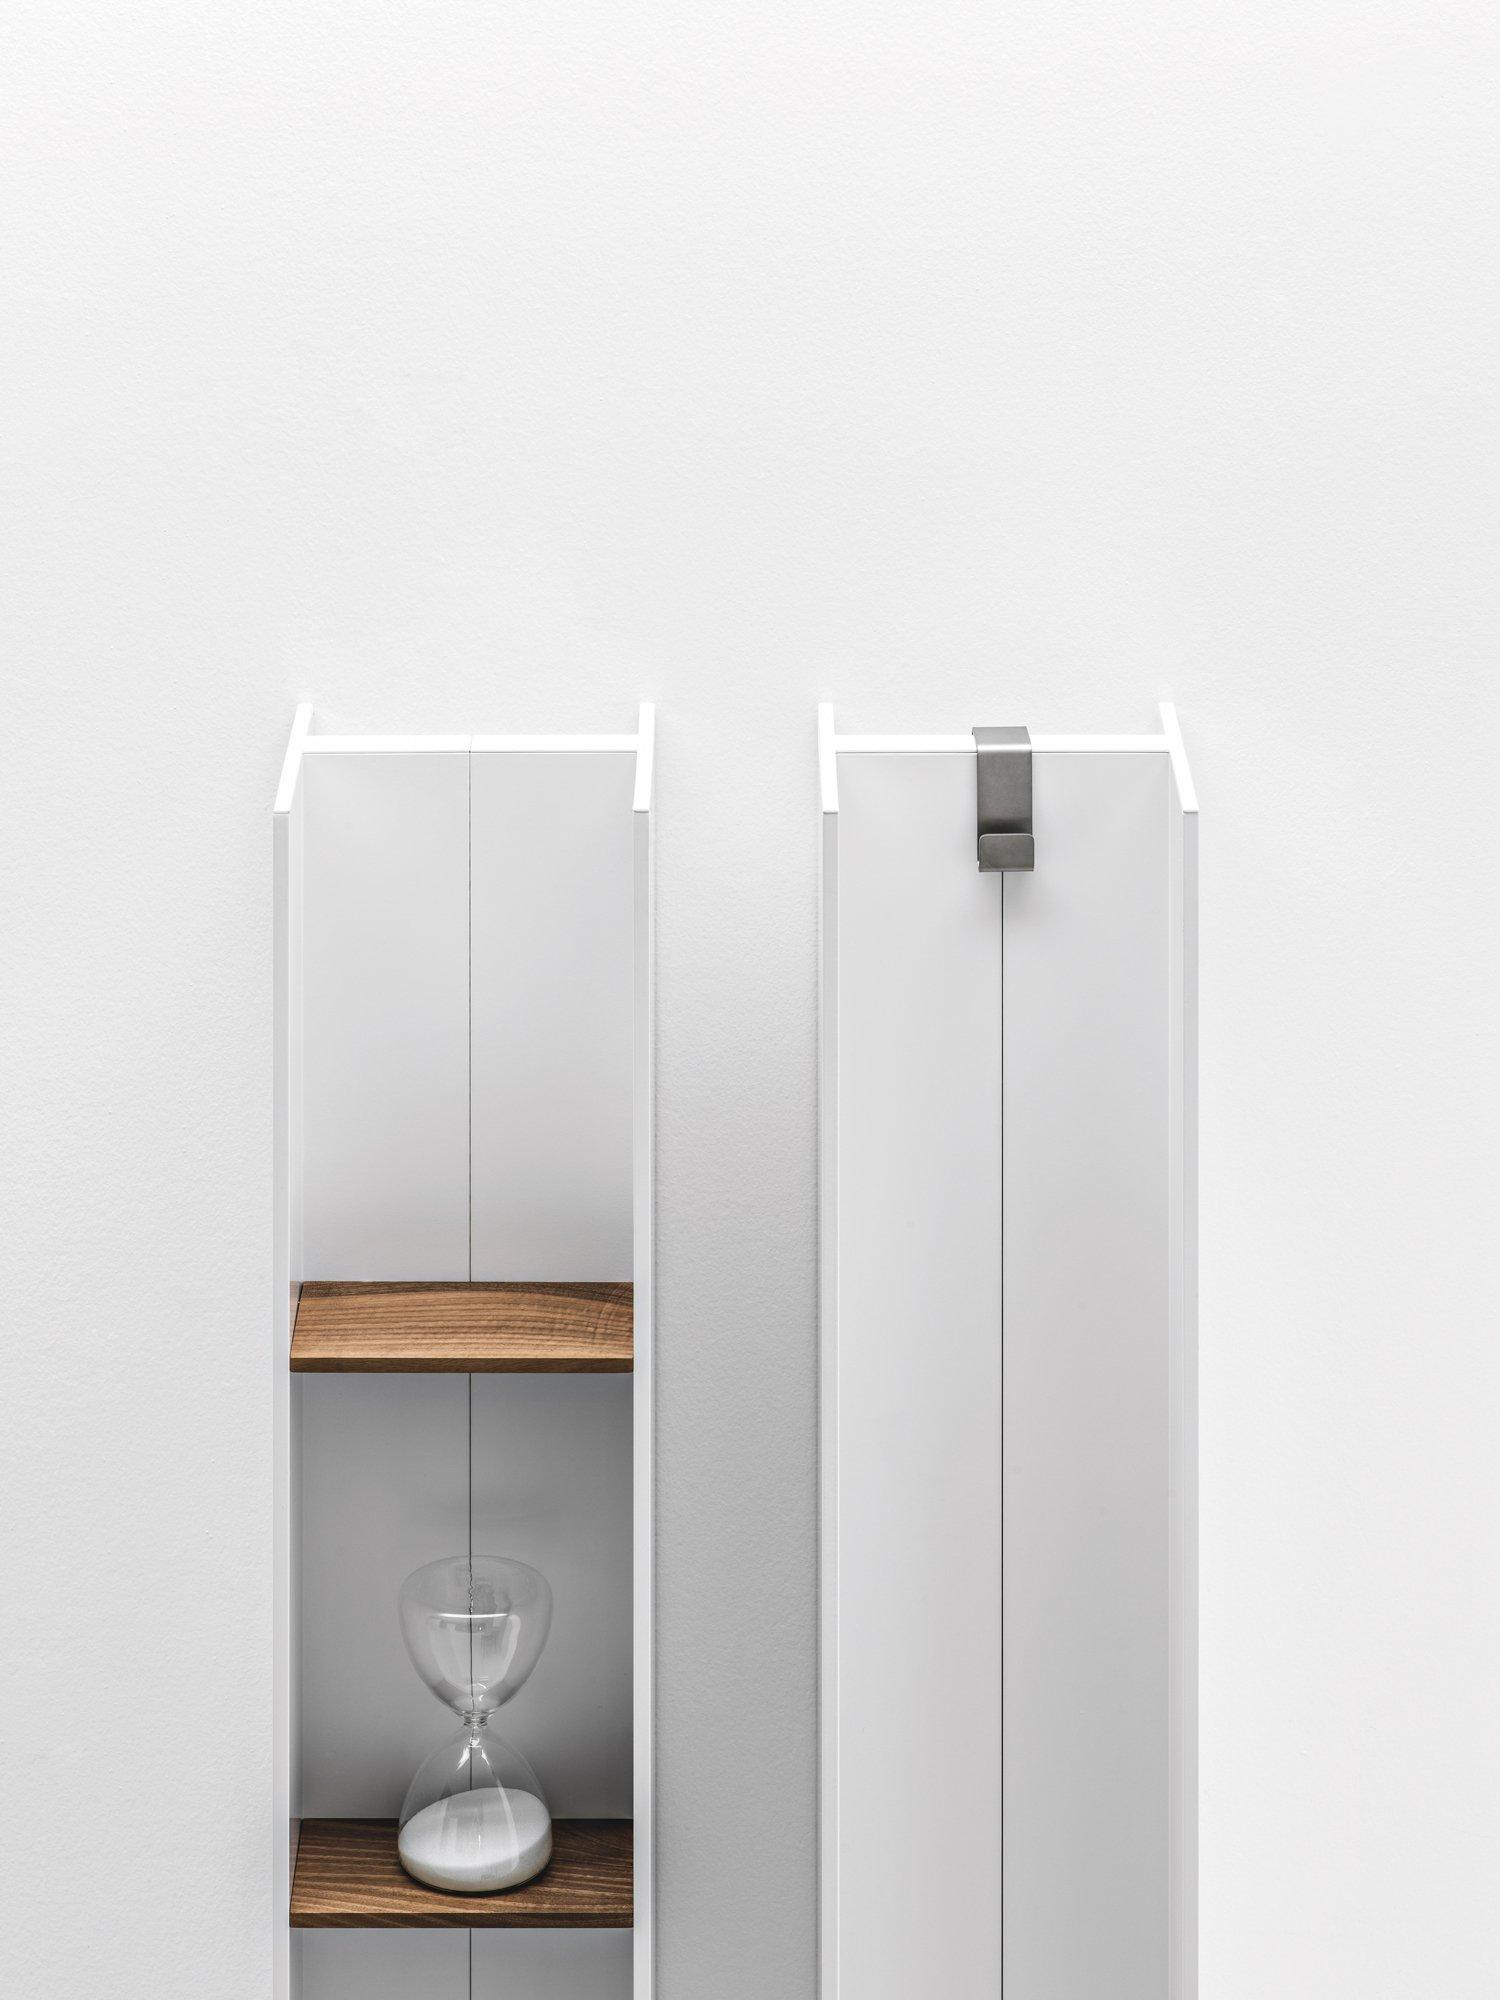 Serie T, design Matteo Thun & Antonio Rodriguez